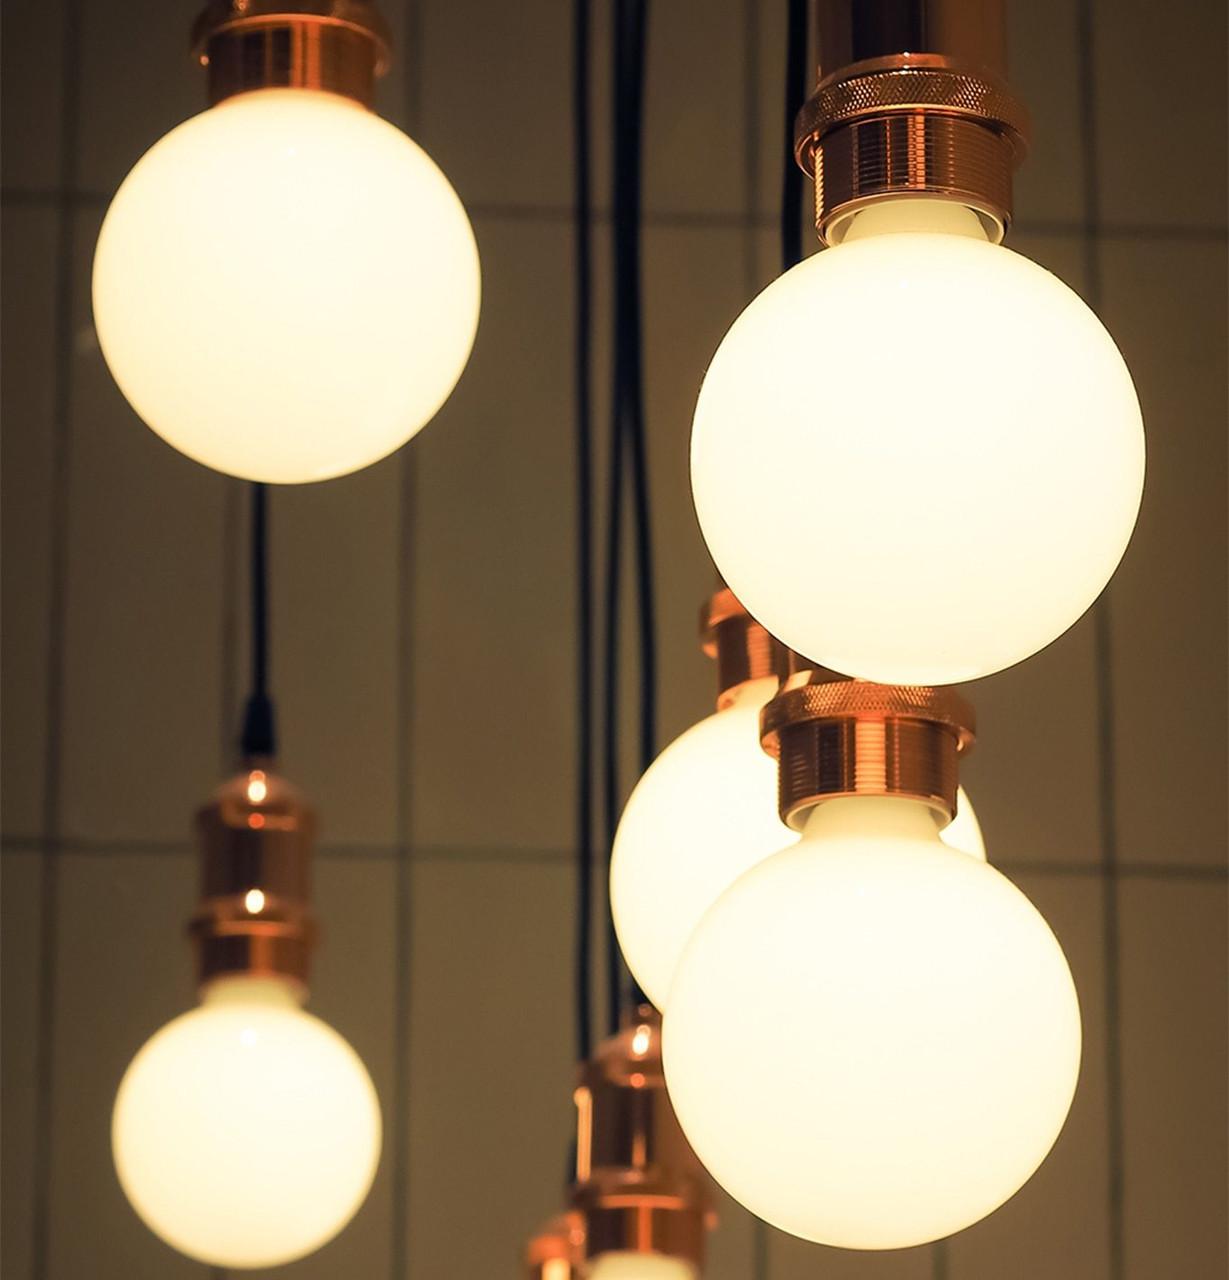 LED Dimmable G95 B22 Light Bulbs